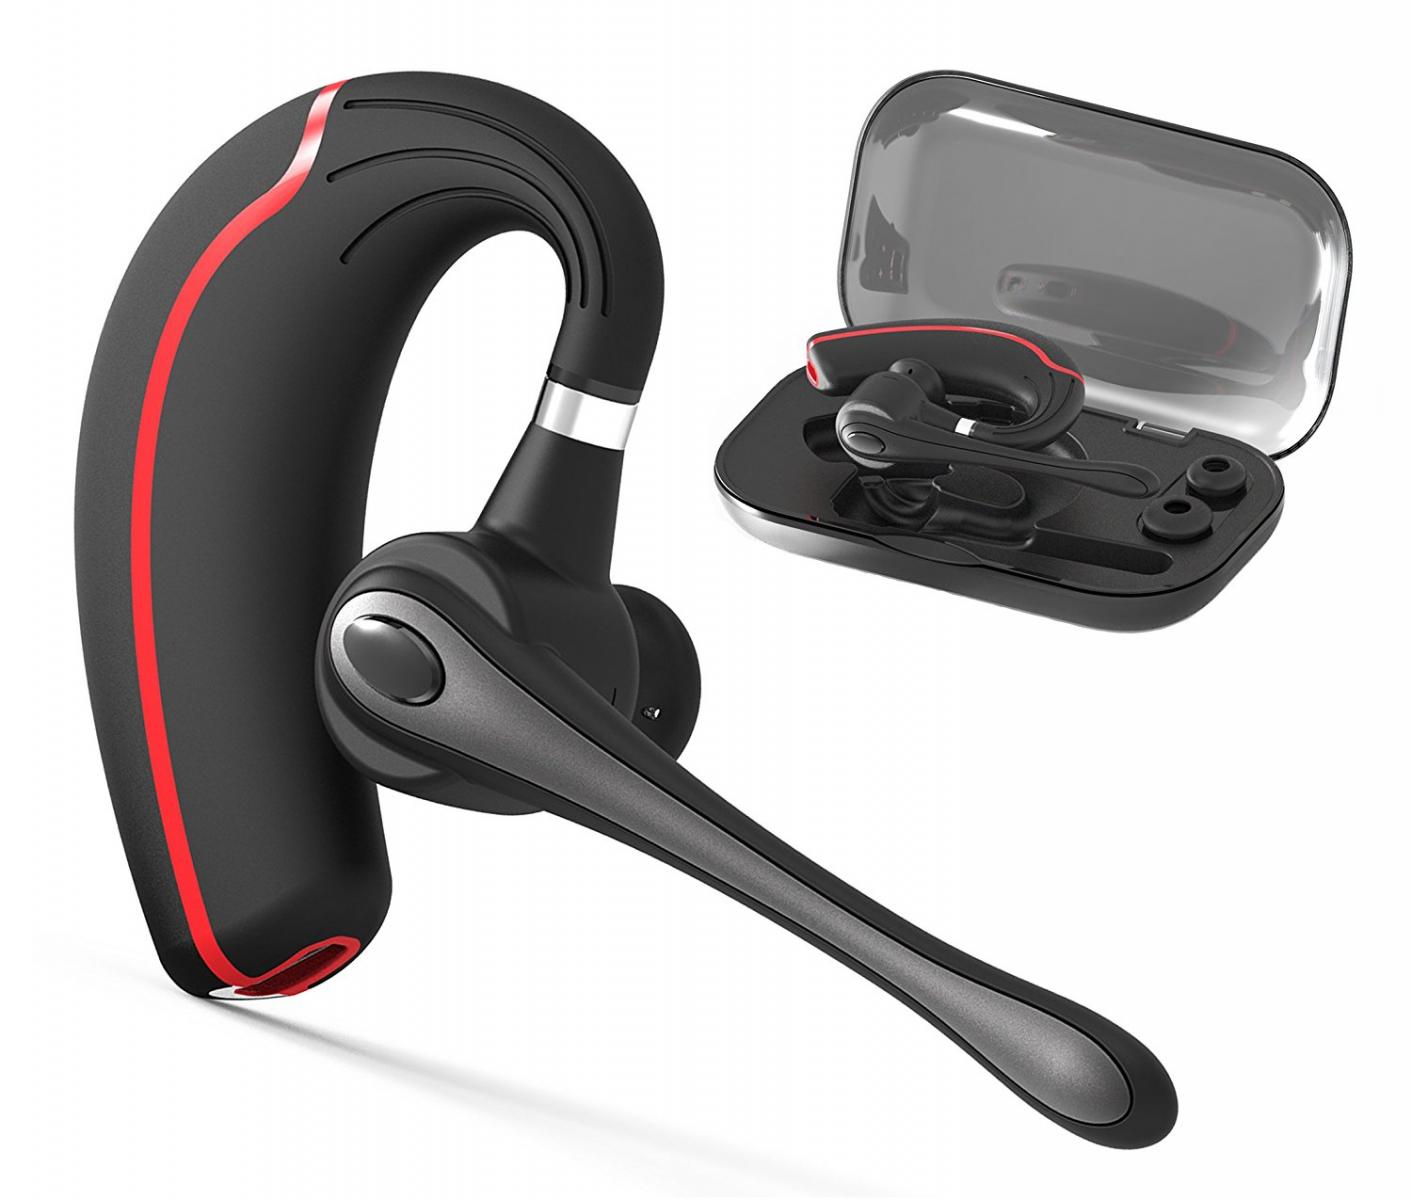 Mua tai nghe Bluetooth tốt nhất nên chọn sản phẩm nào?